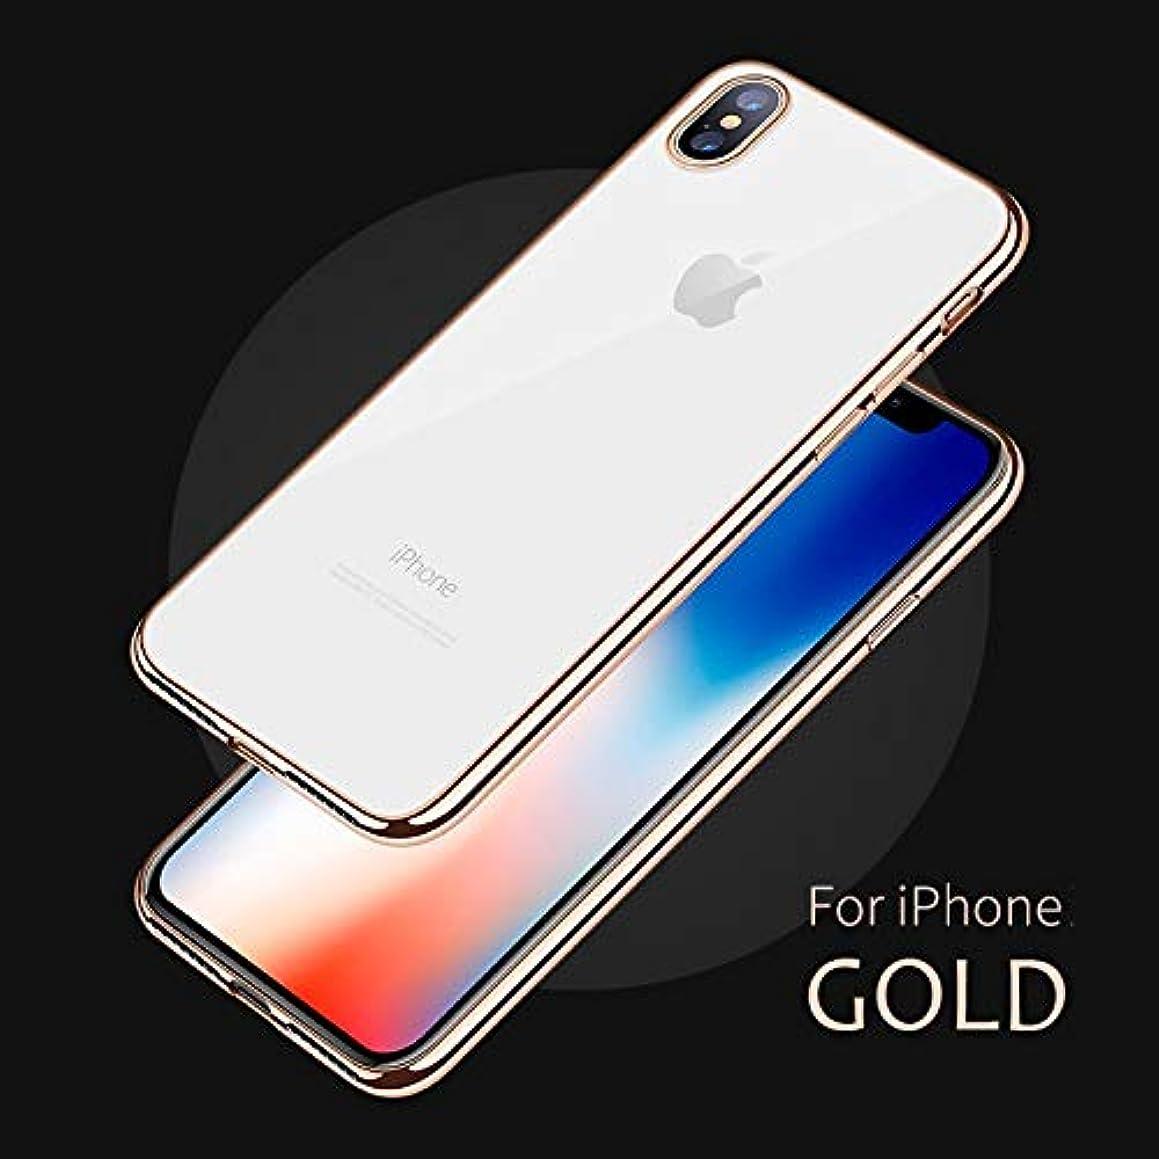 ラブ私たちのシールGederq iPhoneのための携帯電話ケースiPhone用8 7 6プラス6SシリコーンソフトCoqueラグジュアリーTPUのフルカバーケース6 7 7プラス8 8プラスXケース [ゴールド iPhoneのための8]